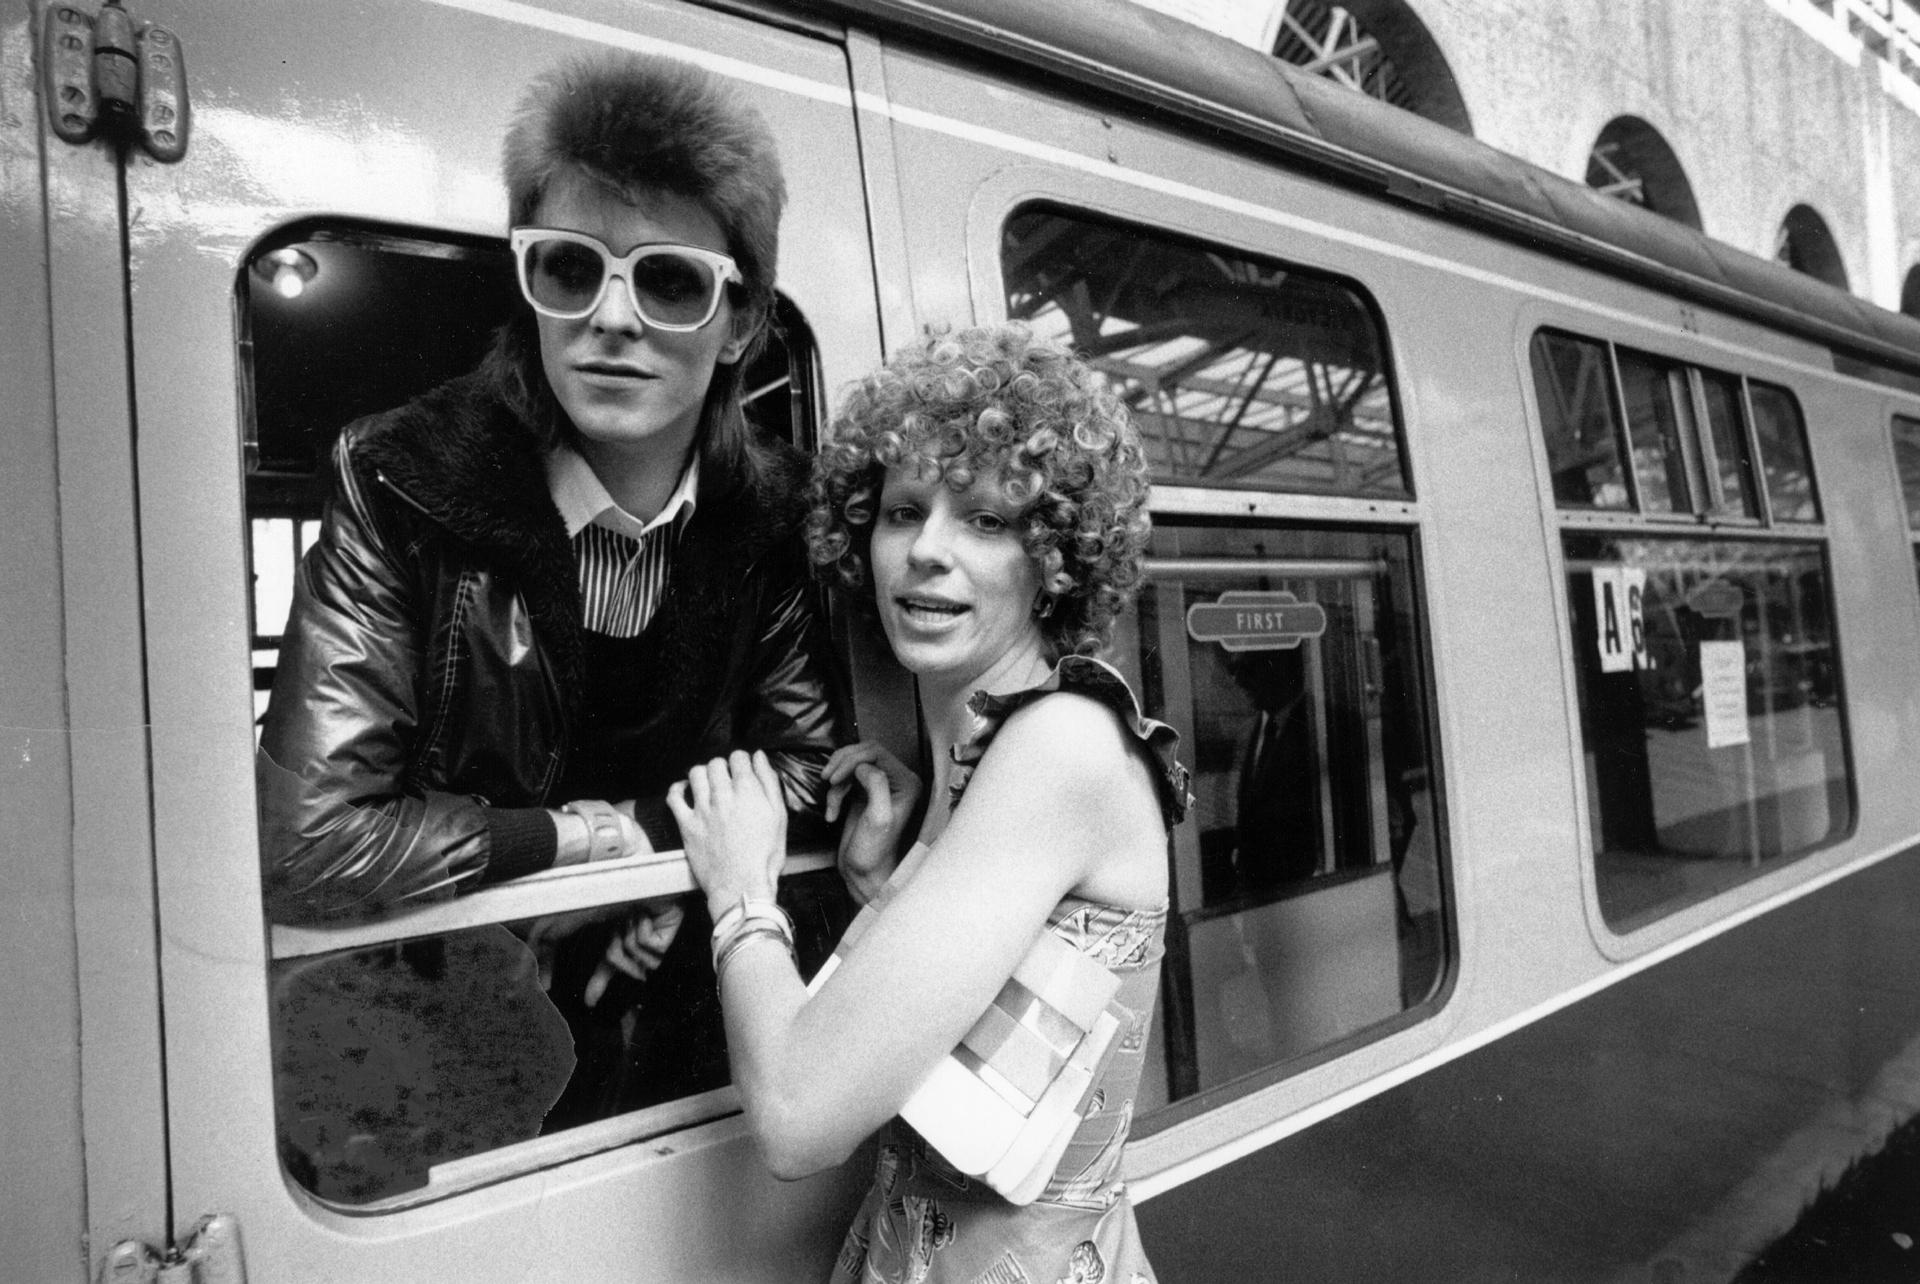 Дейвид Бауи на гарата и съпругата му Анджи през 1973 г. Снимка: Smith / Getty Images